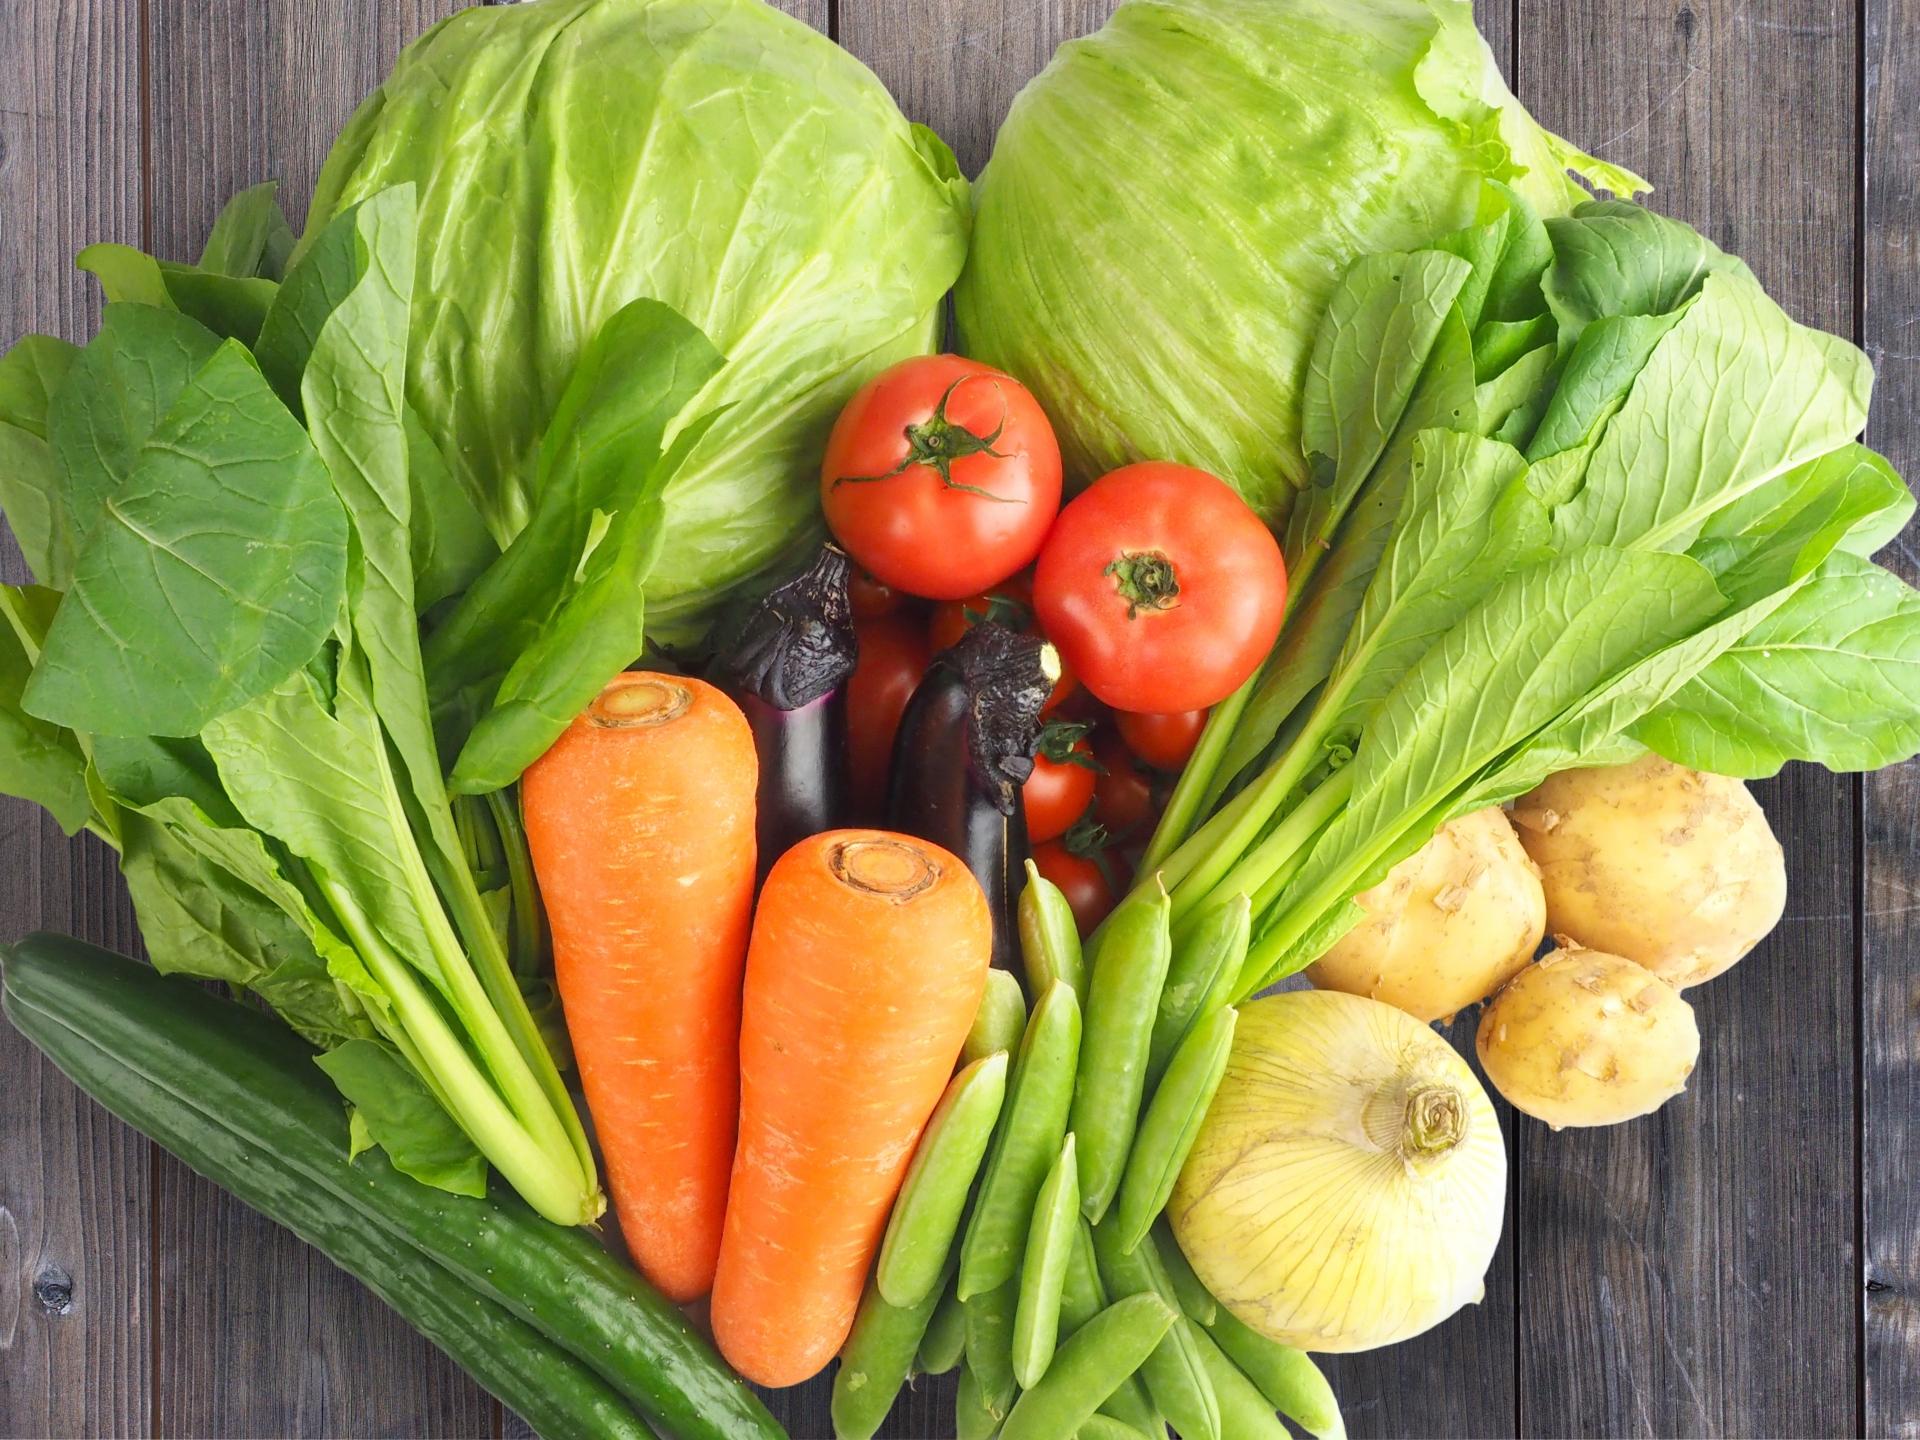 管理栄養士の知識があれば、自分や家族の健康を守ることができる